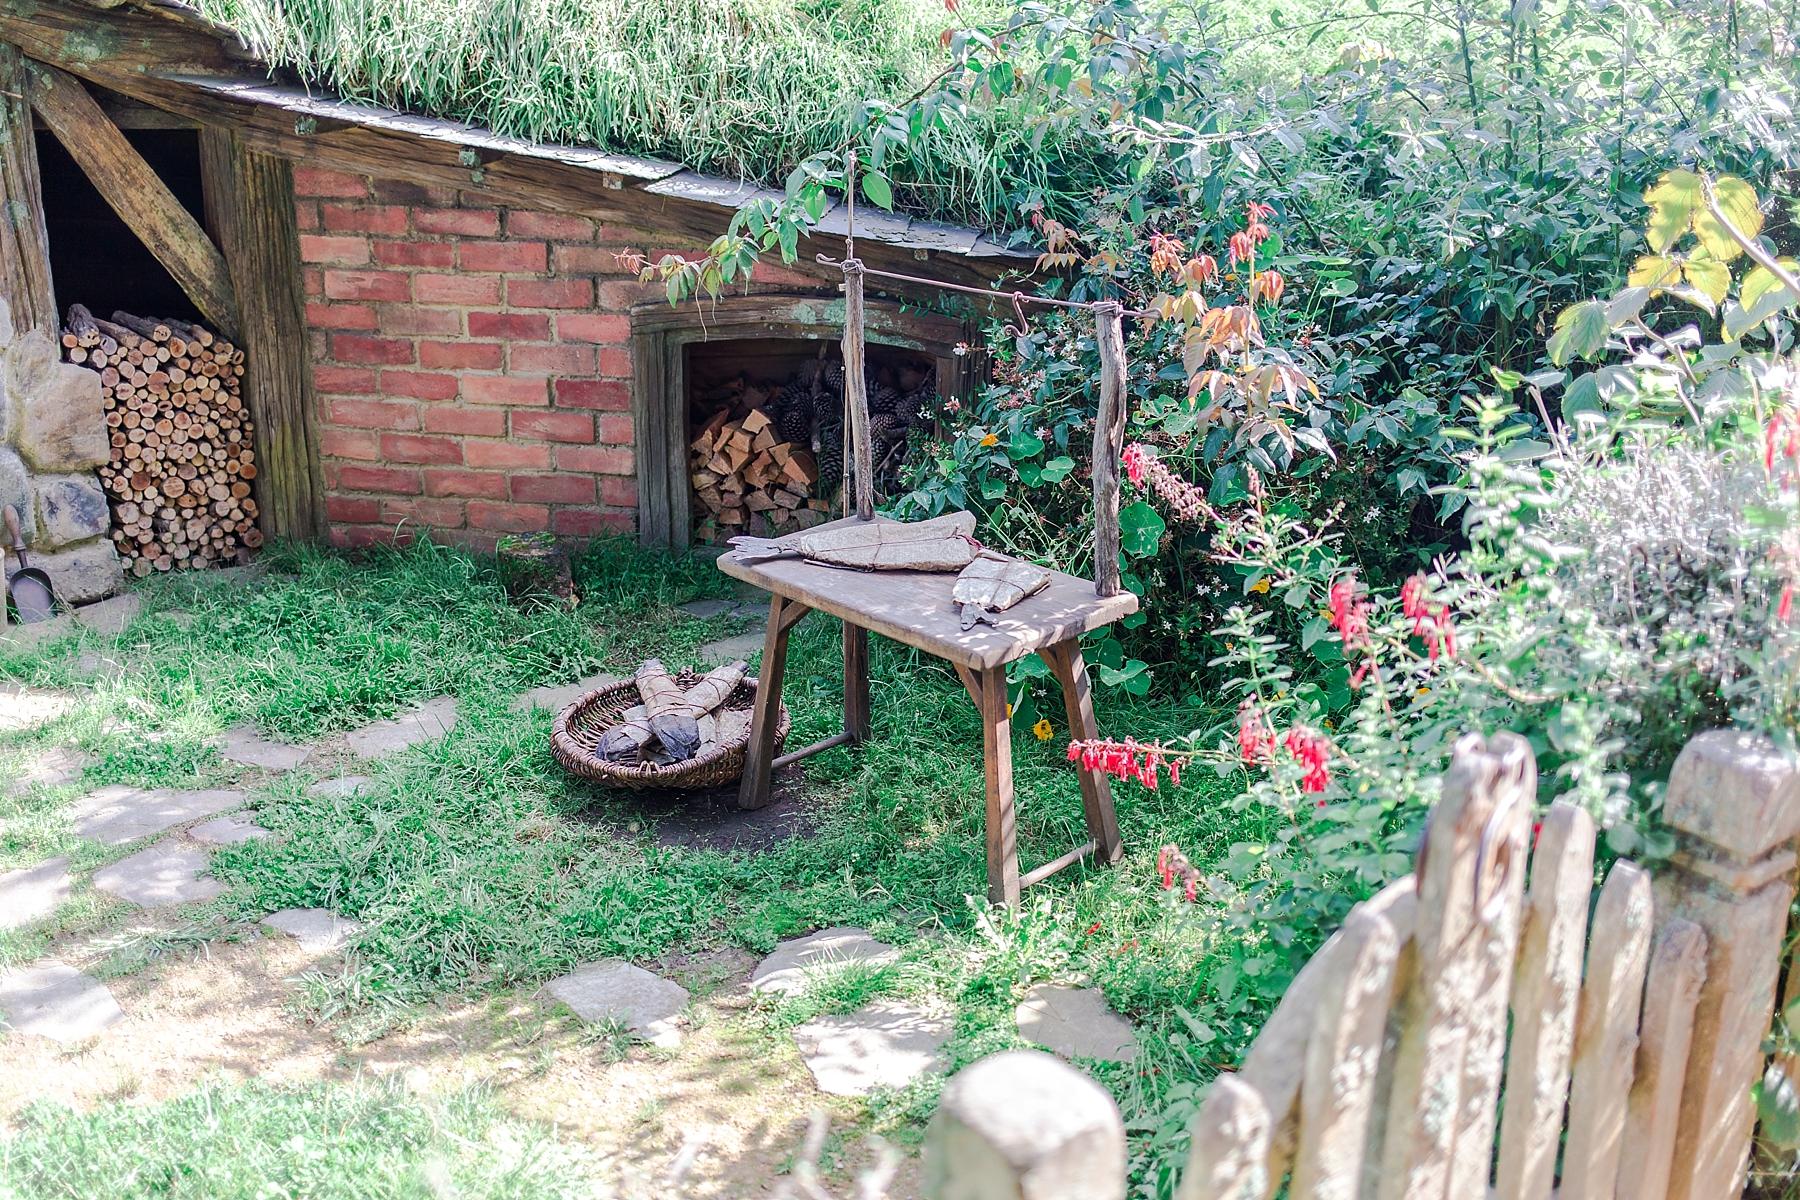 hobbiton-movie-set-matamata-hamilton-north-island-new-zealand-scenery_0244.jpg